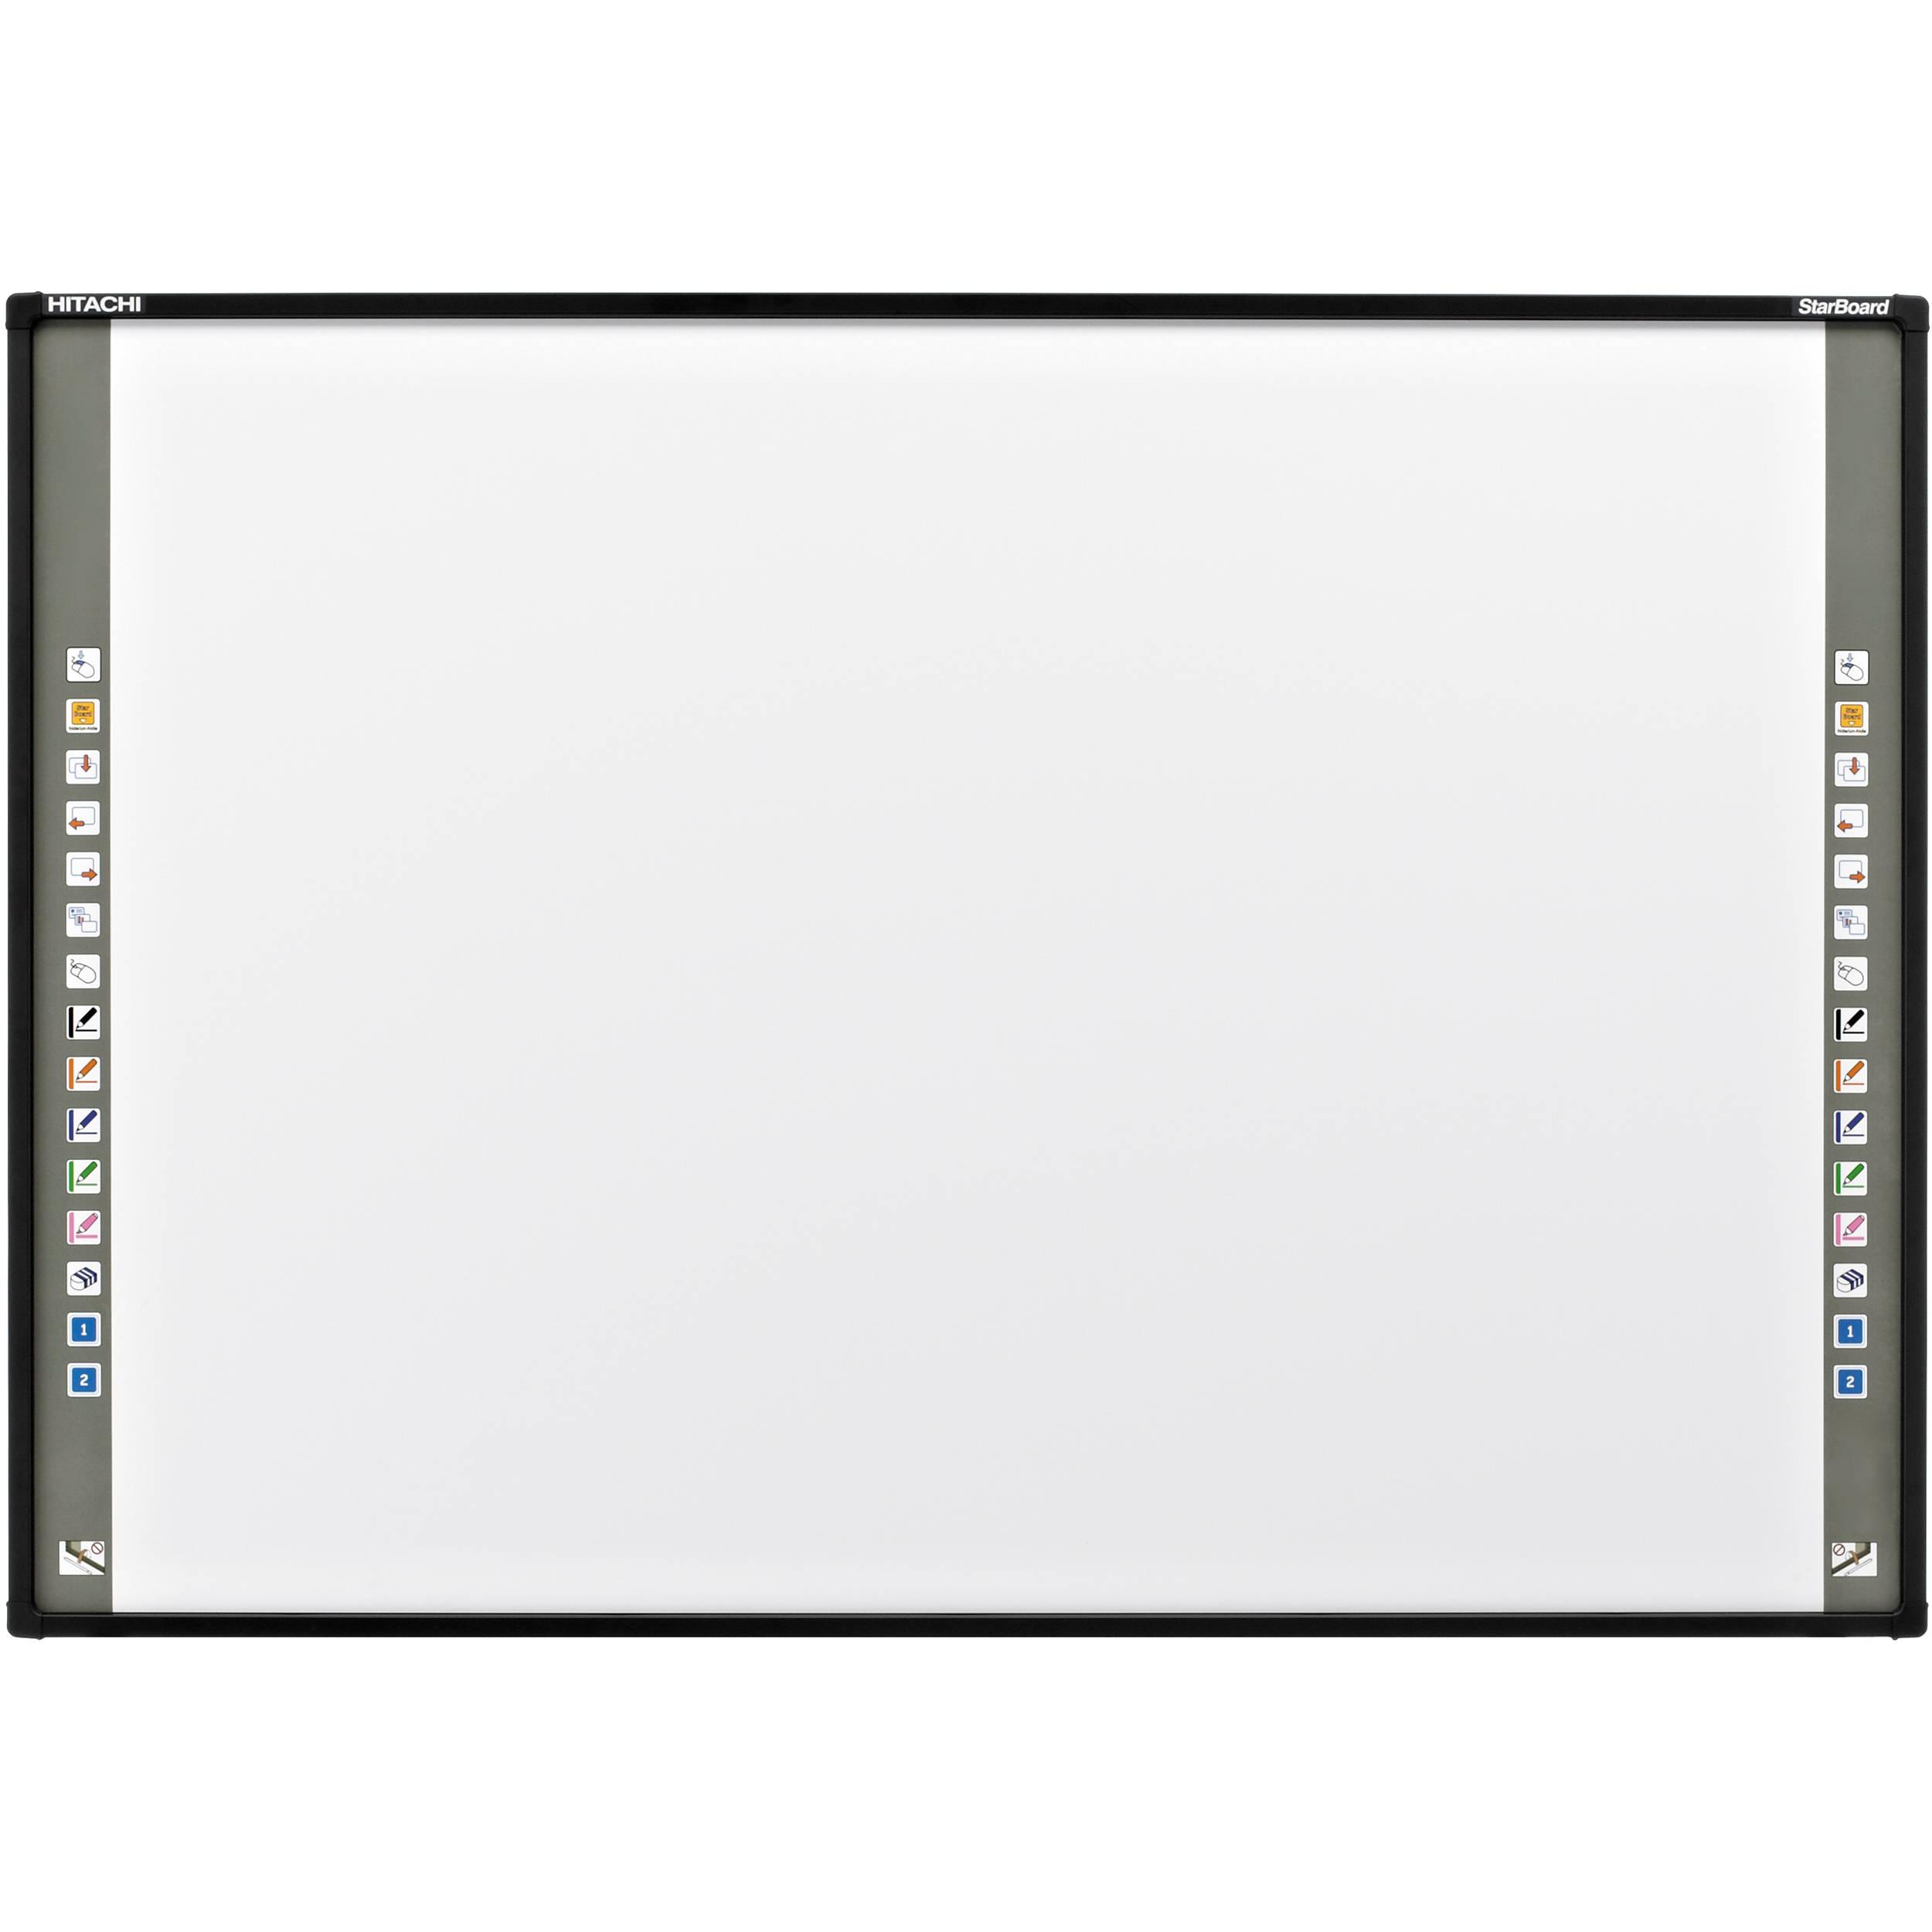 Hitachi FX-79E1 StarBoard Interactive Whiteboard